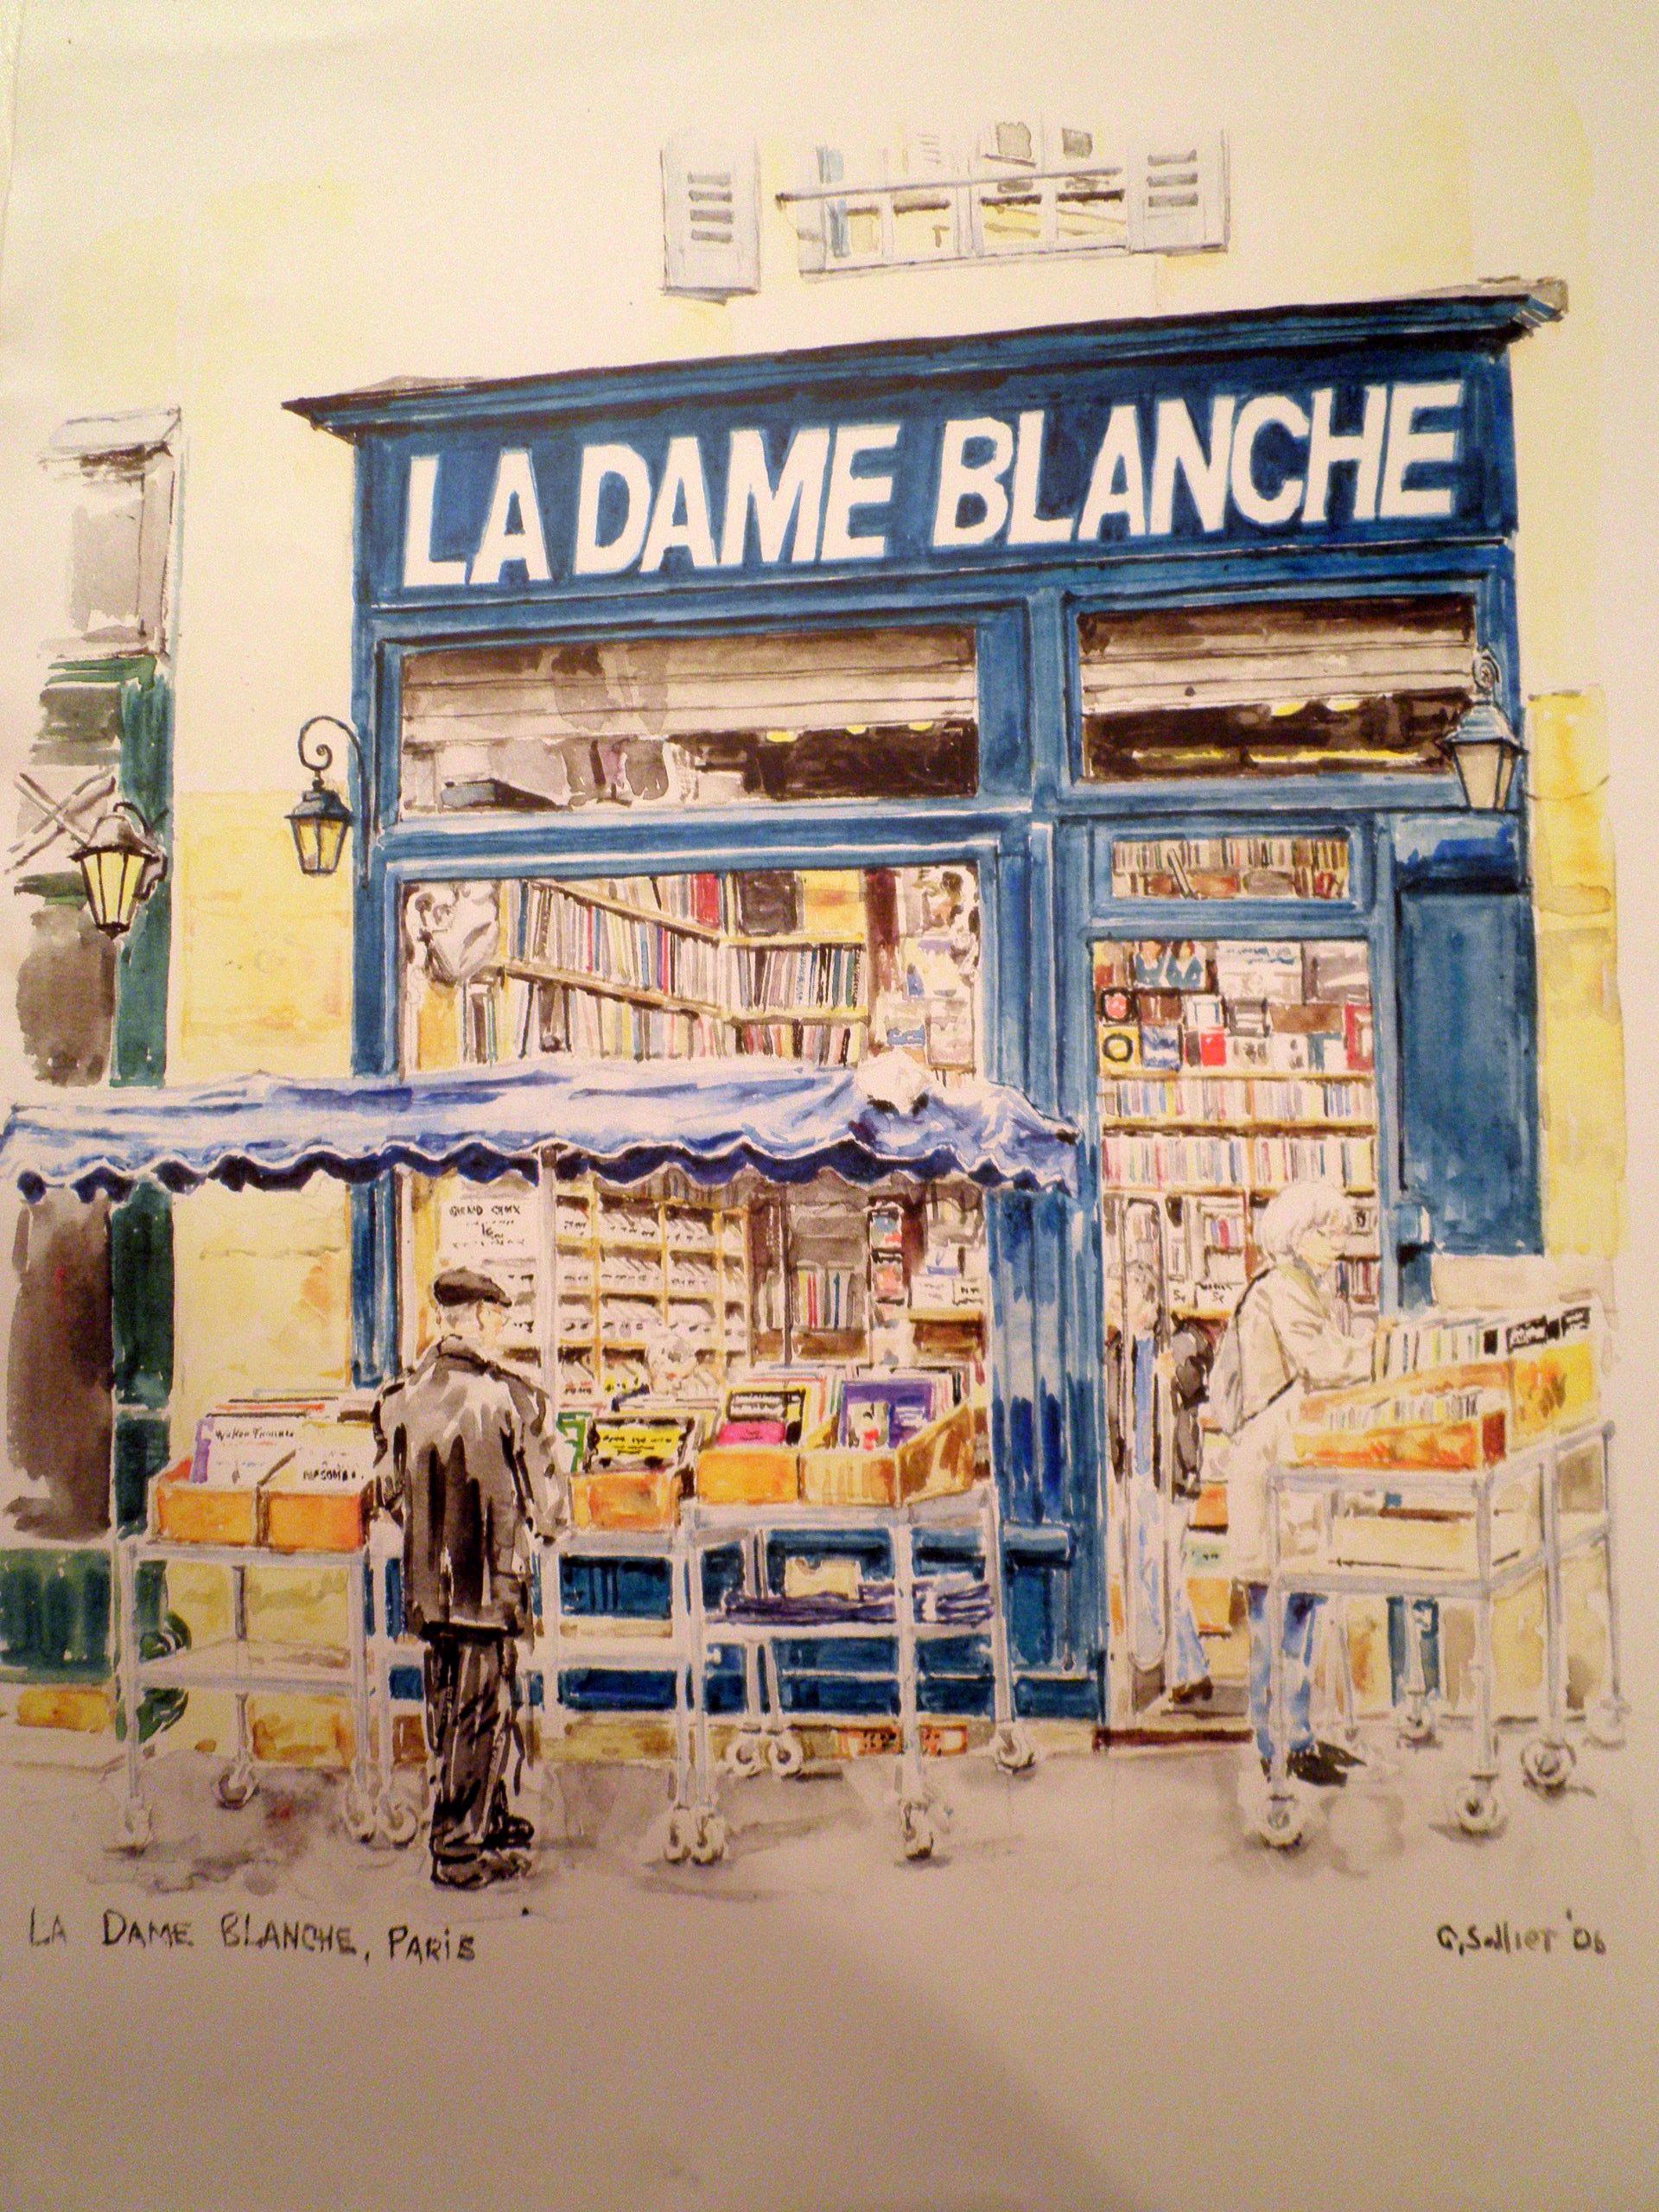 La Dame Blanche, Paris, Geraldine Sadlier